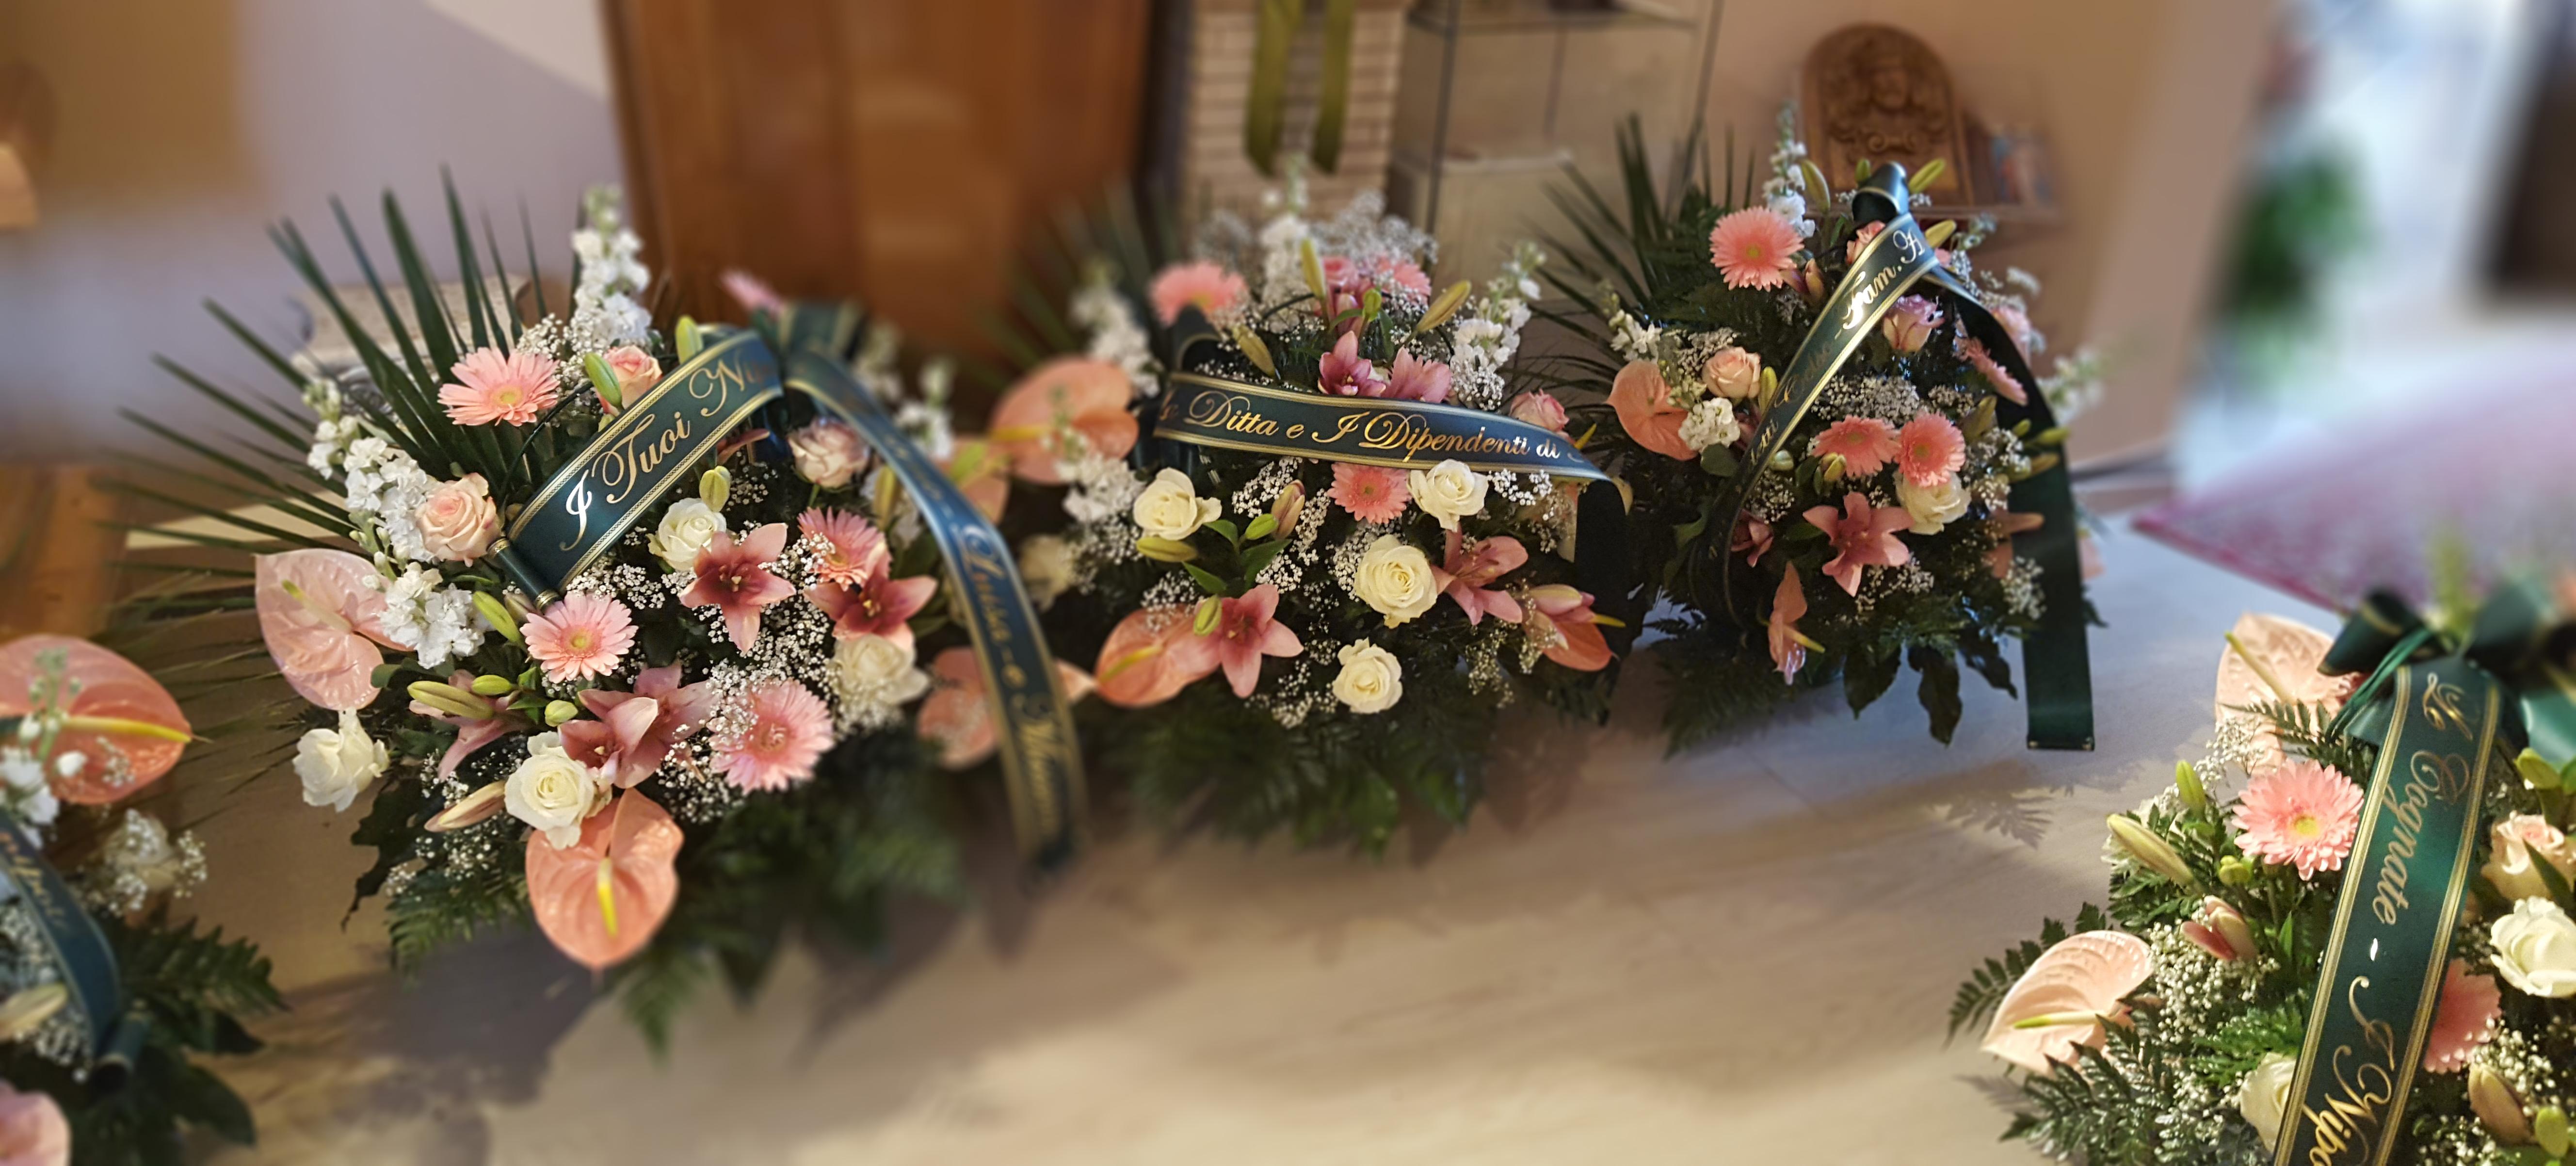 fiori per funerale riccione